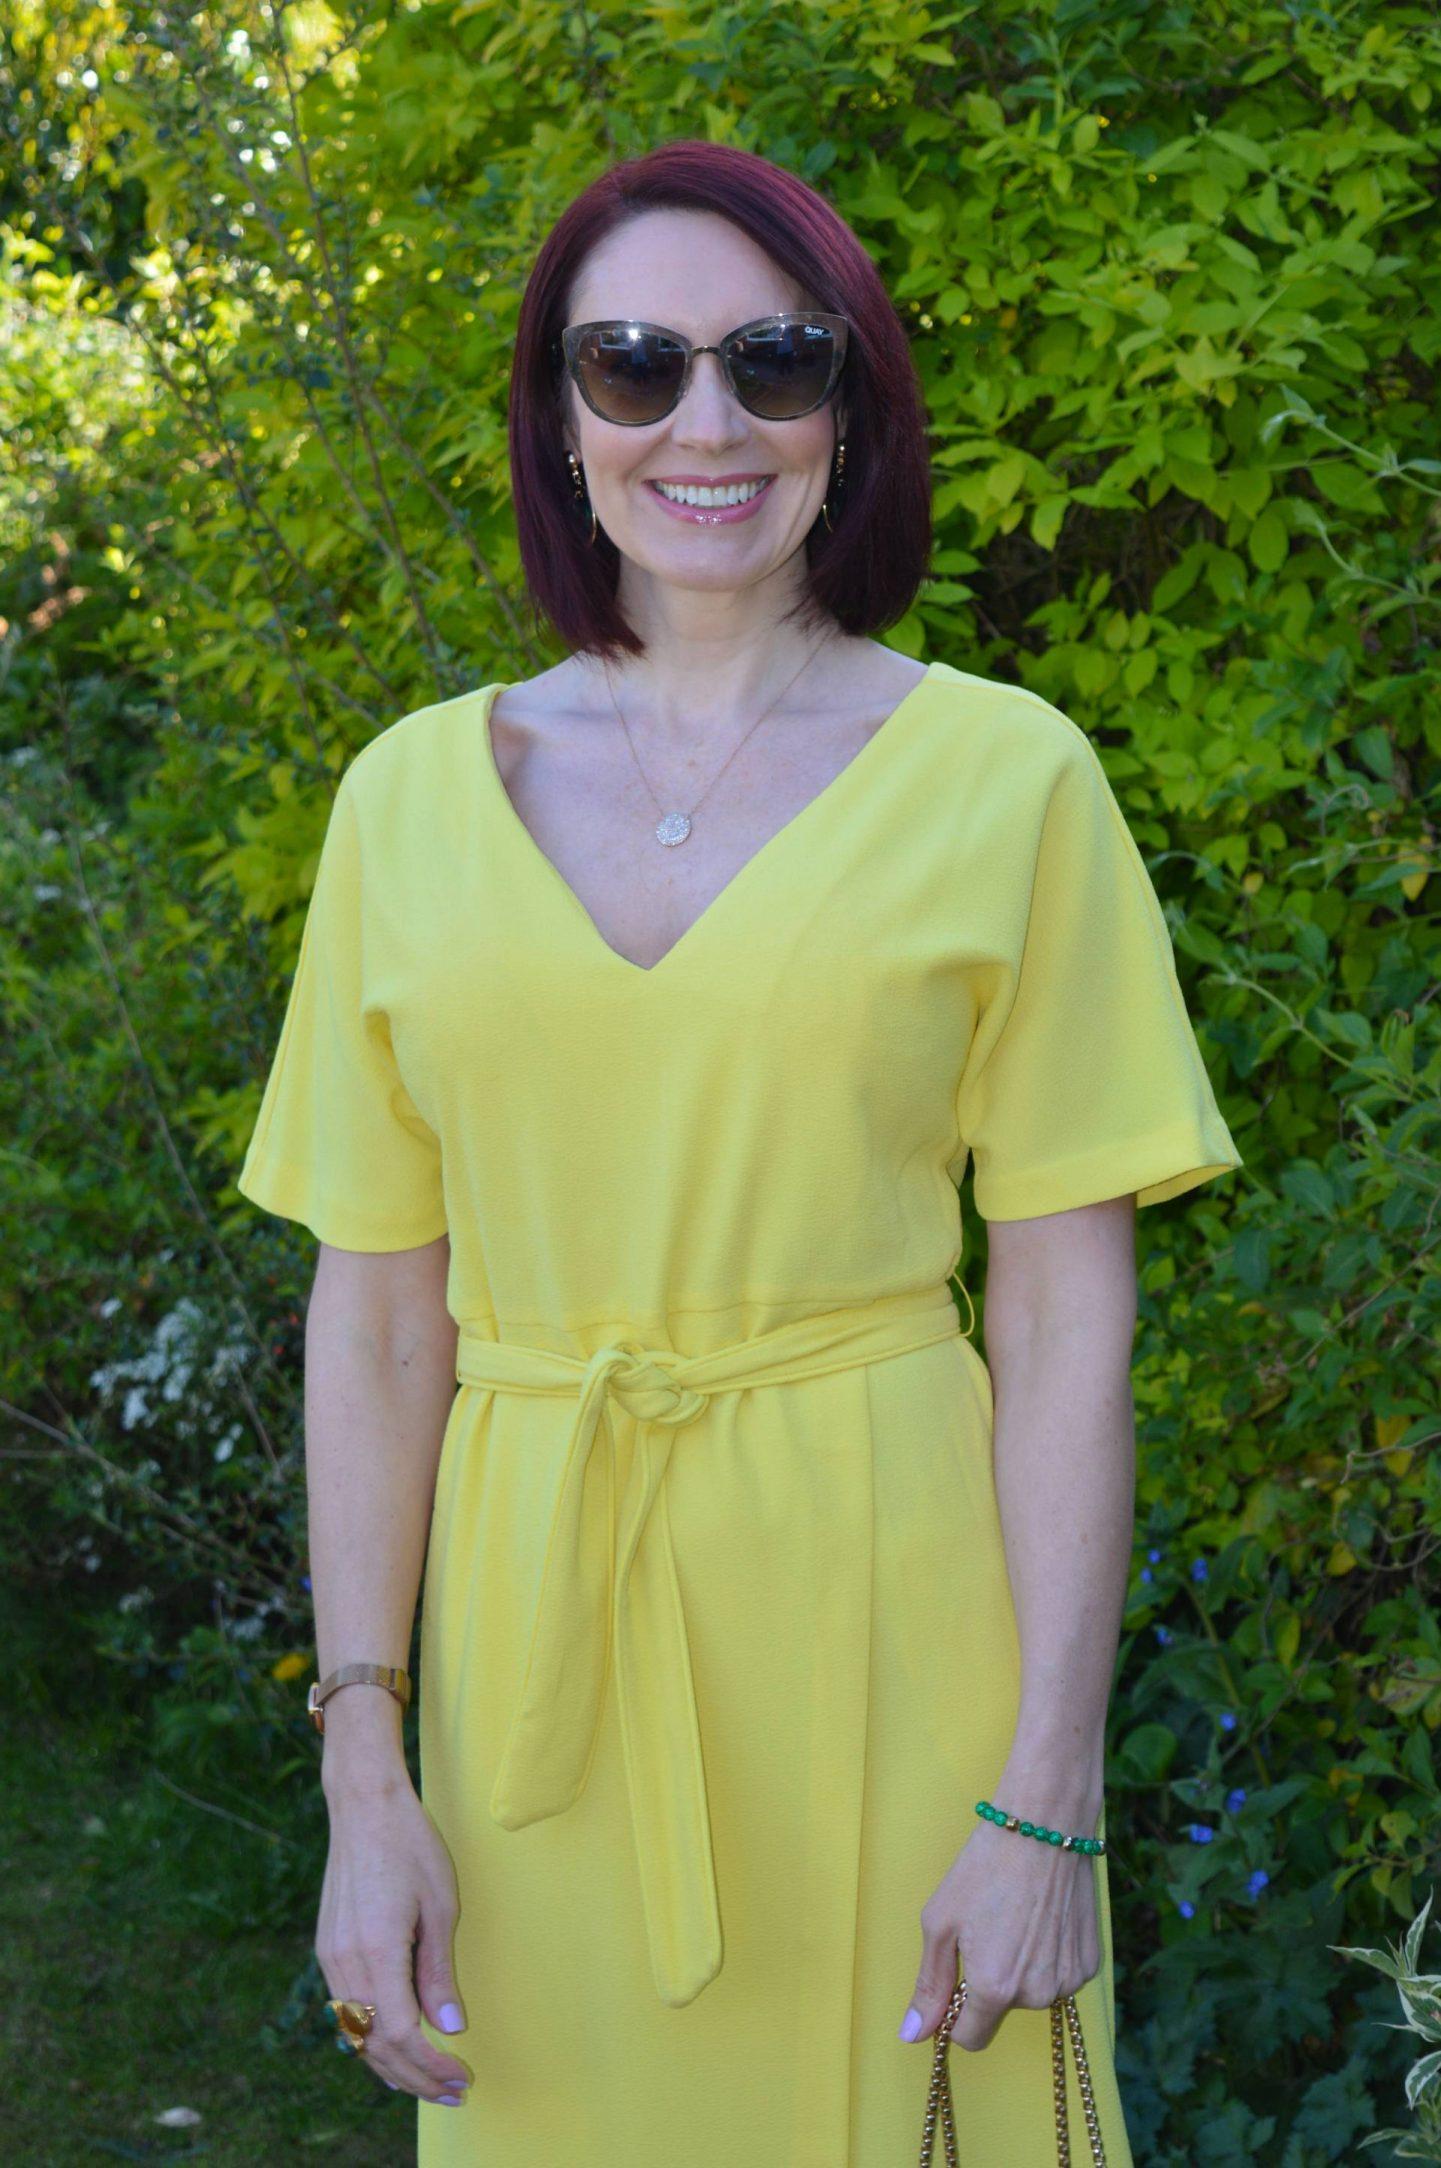 Quay gold sunglasses, Marks & Spencer dress